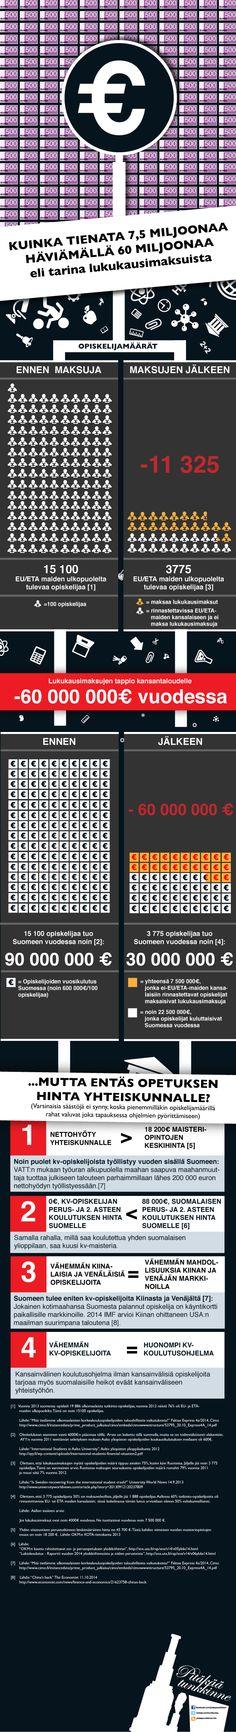 """""""Kuinka tienata 7,5 miljoonaa häviämällä 60 miljoonaa eli tarina lukukausimaksuista"""""""